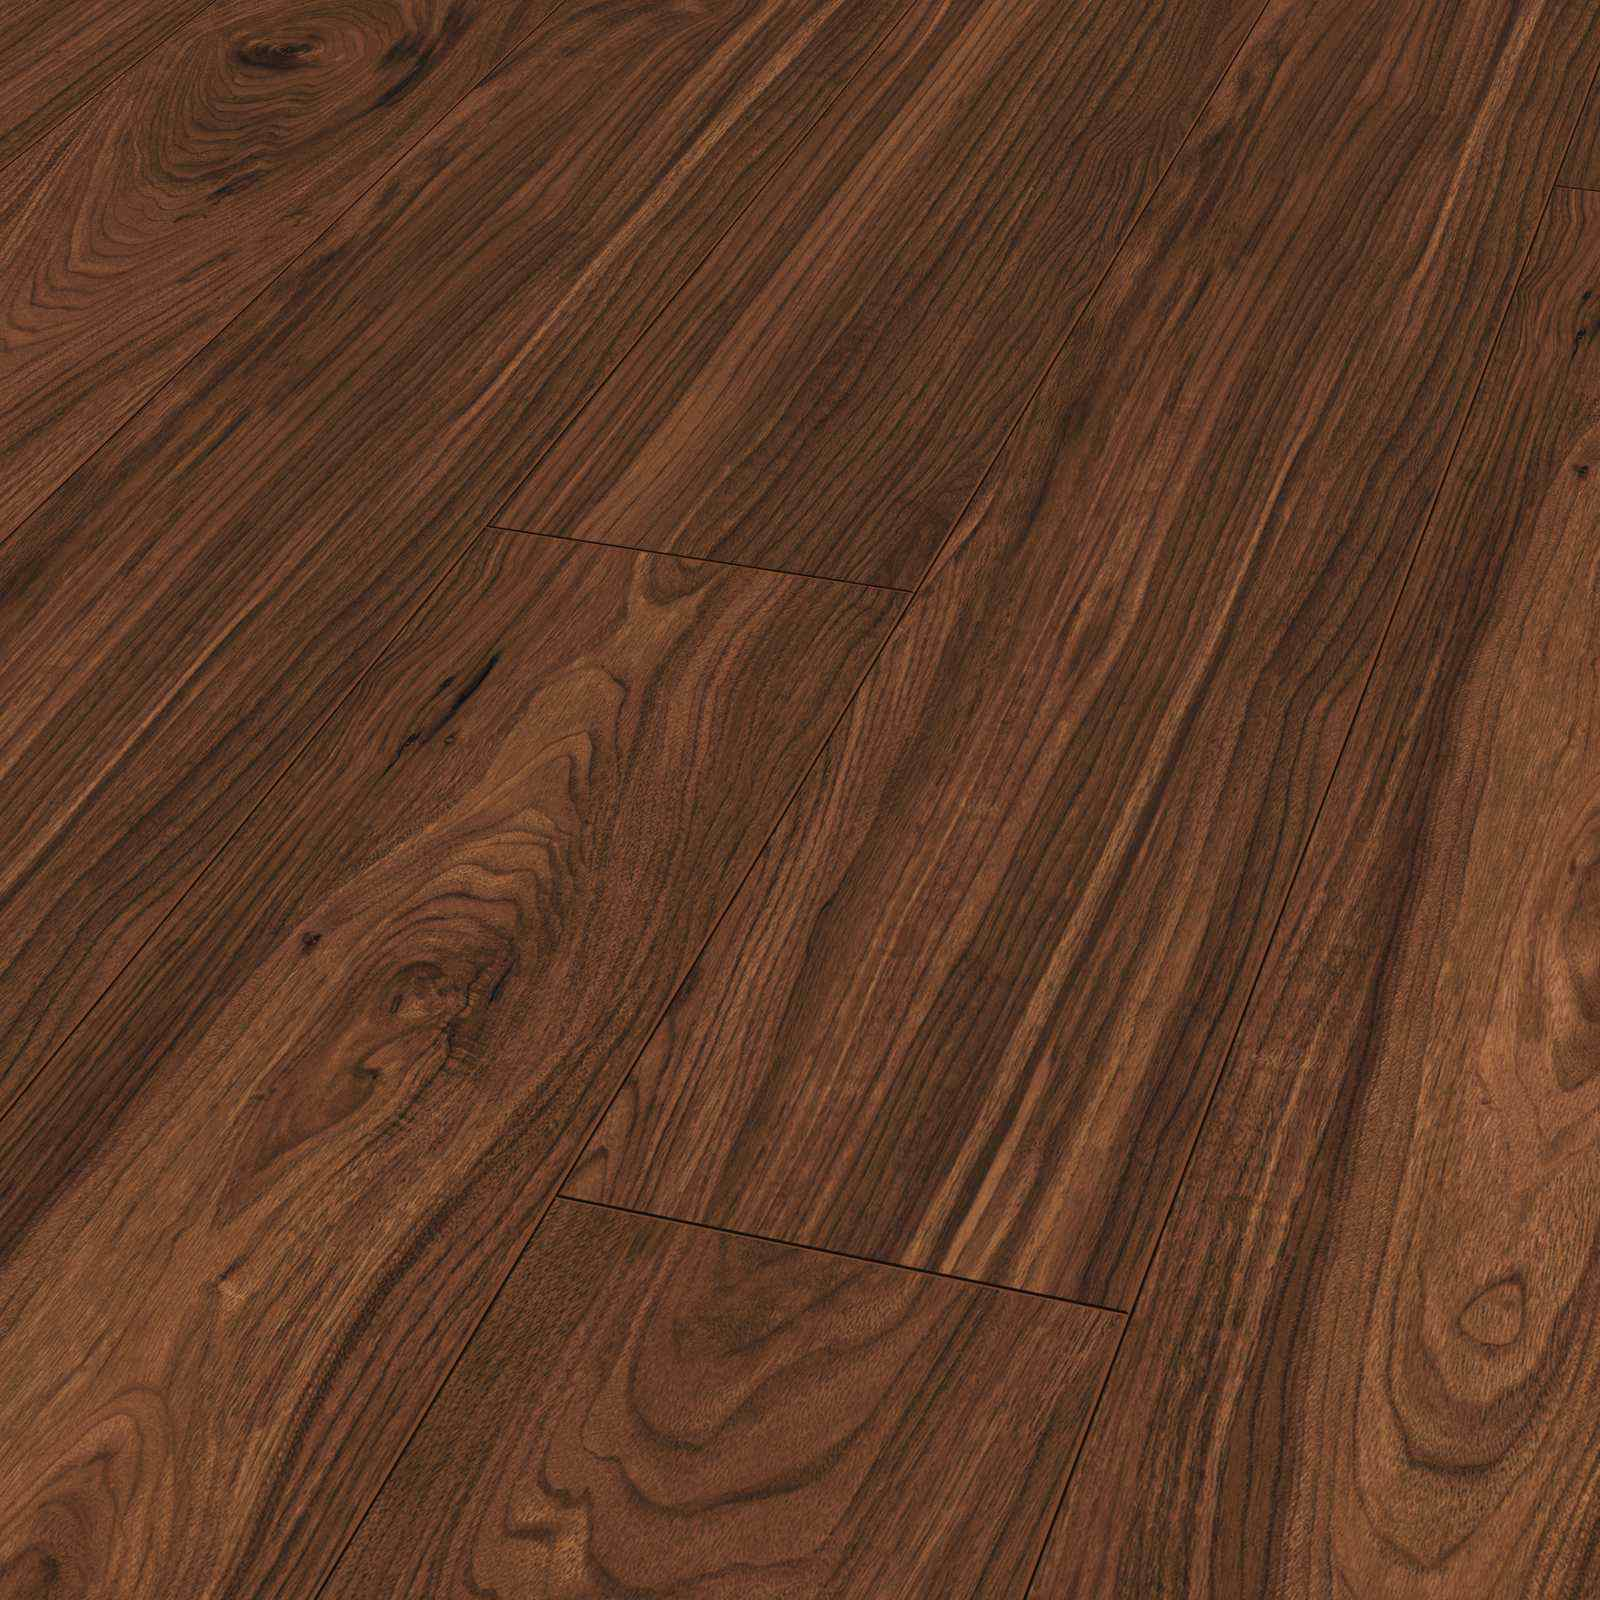 sch ner wohnen laminat nussbaum toscana laminatboden sch ner wohnen bodenmaster palma ohg. Black Bedroom Furniture Sets. Home Design Ideas